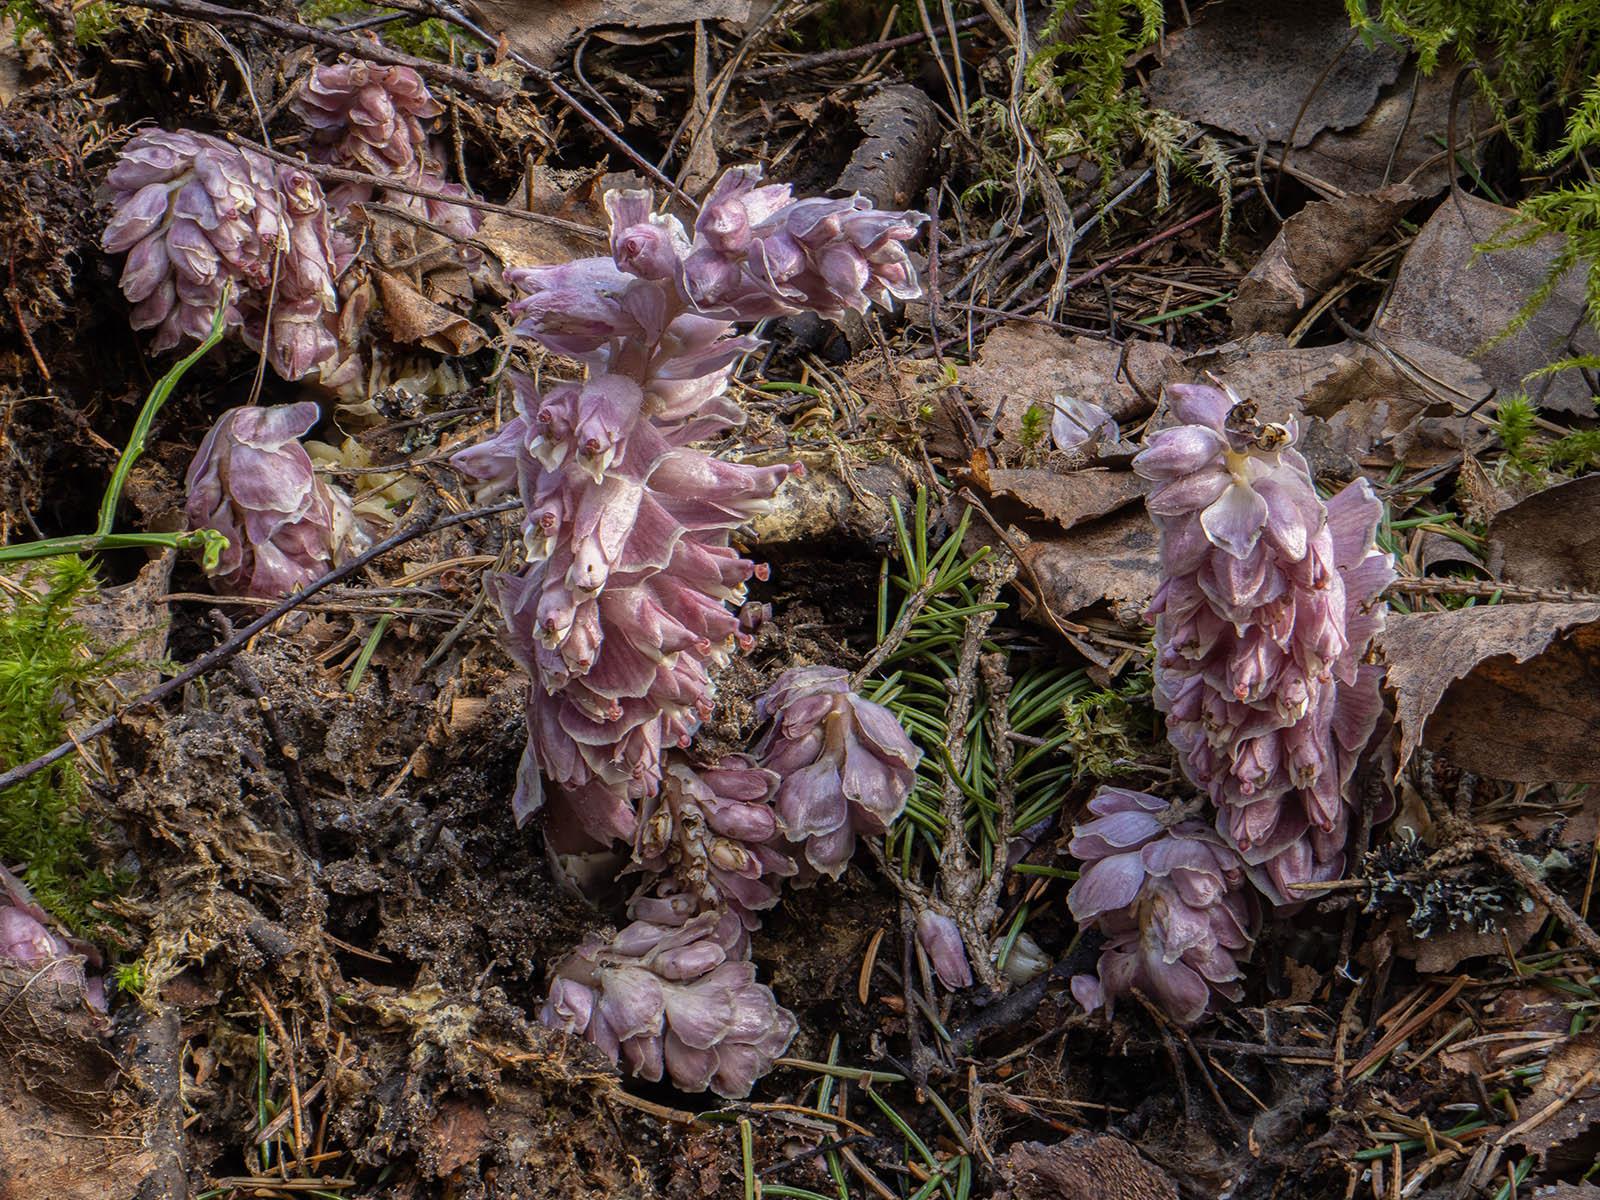 Петров крест чешуйчатый (Lathraea squamaria) паразитирующий на елях и берёзах в природном парке Görvaln, Стокгольм, 9 апреля 2020 года. Автор фото: Сутормина Марина